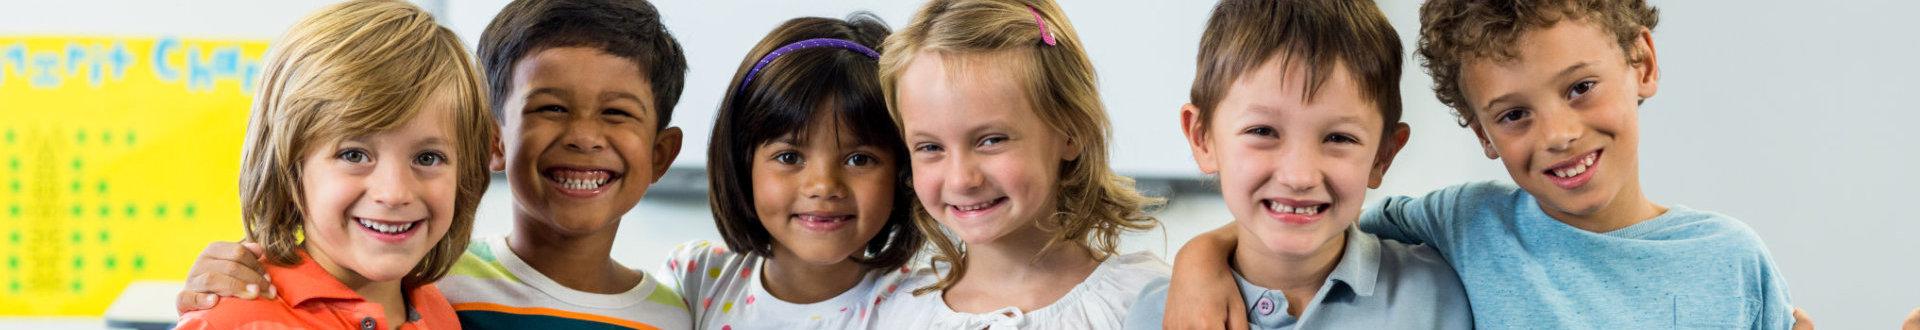 happy preschool kids